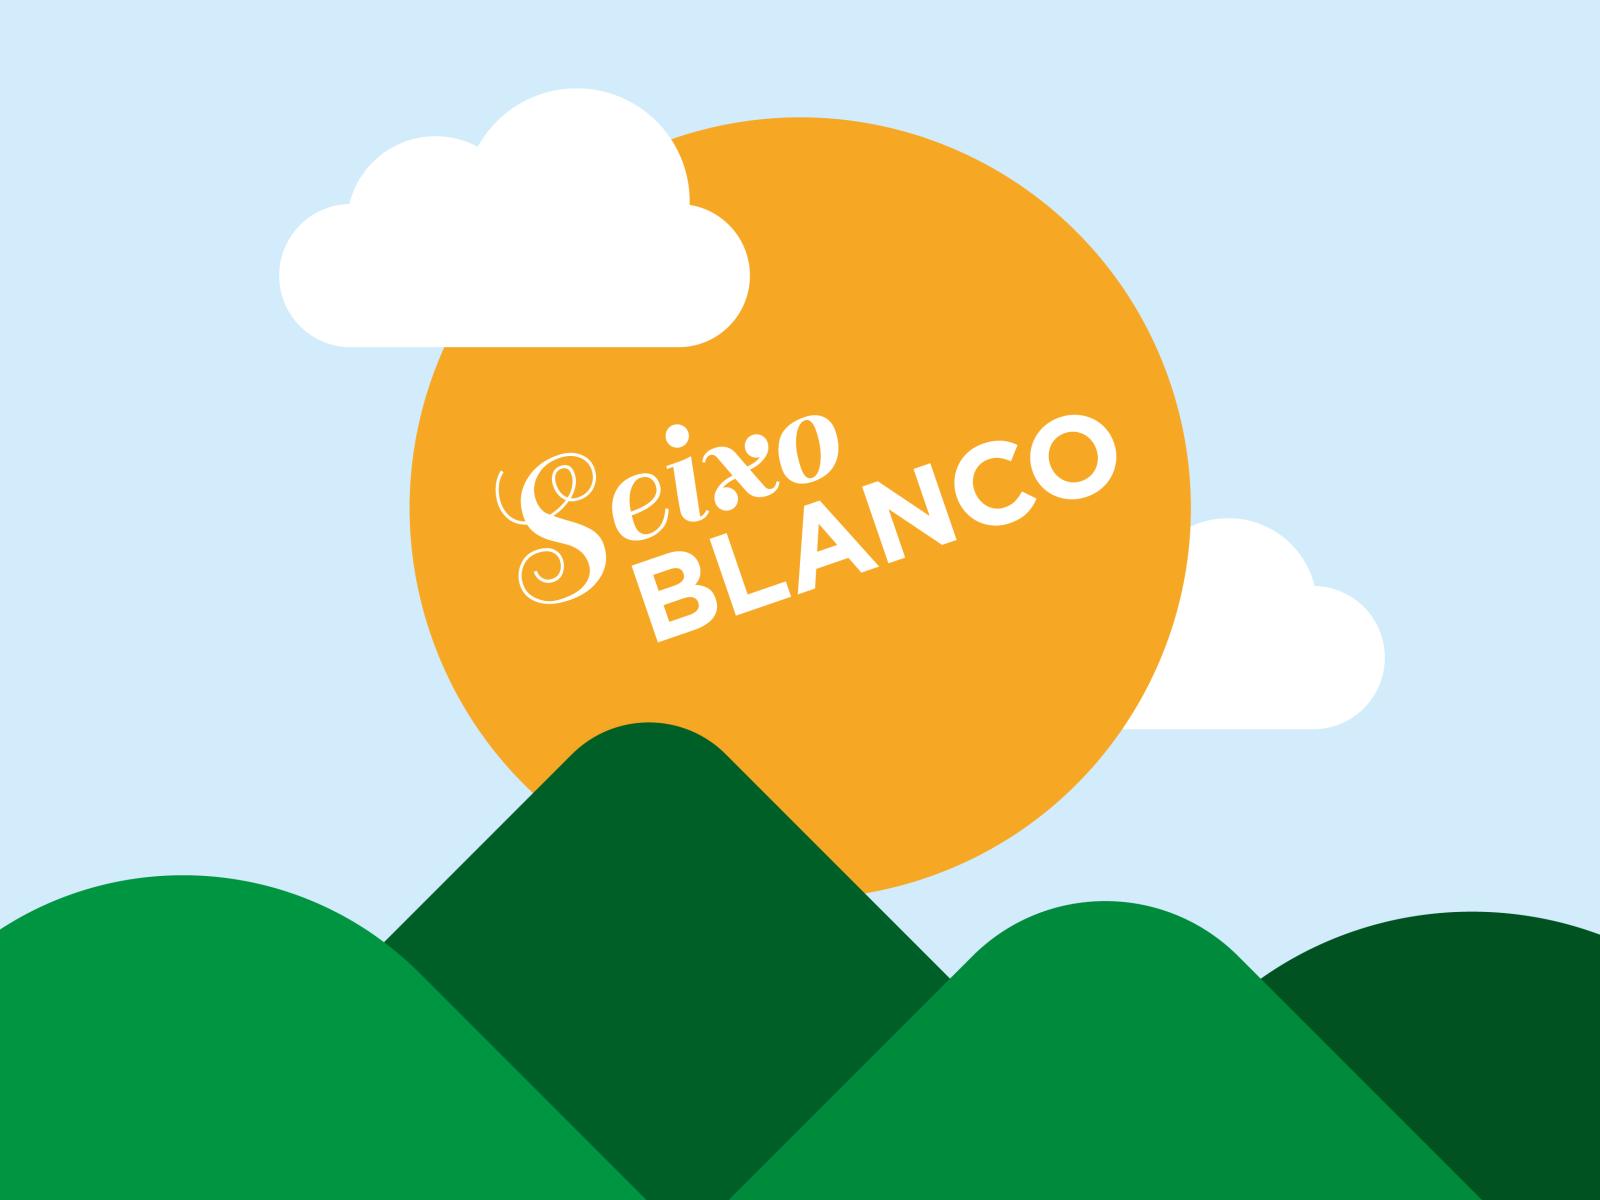 SEIXO BLANCO